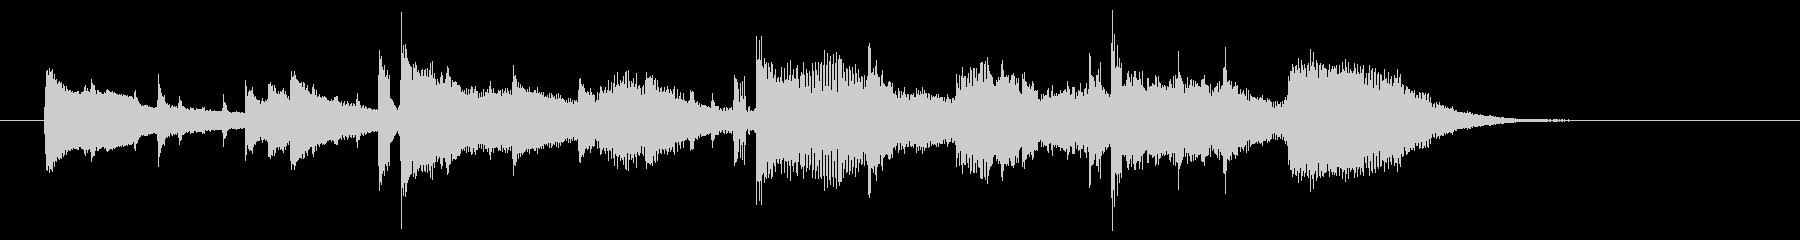 ストリングスがドラマチックな楽曲の未再生の波形